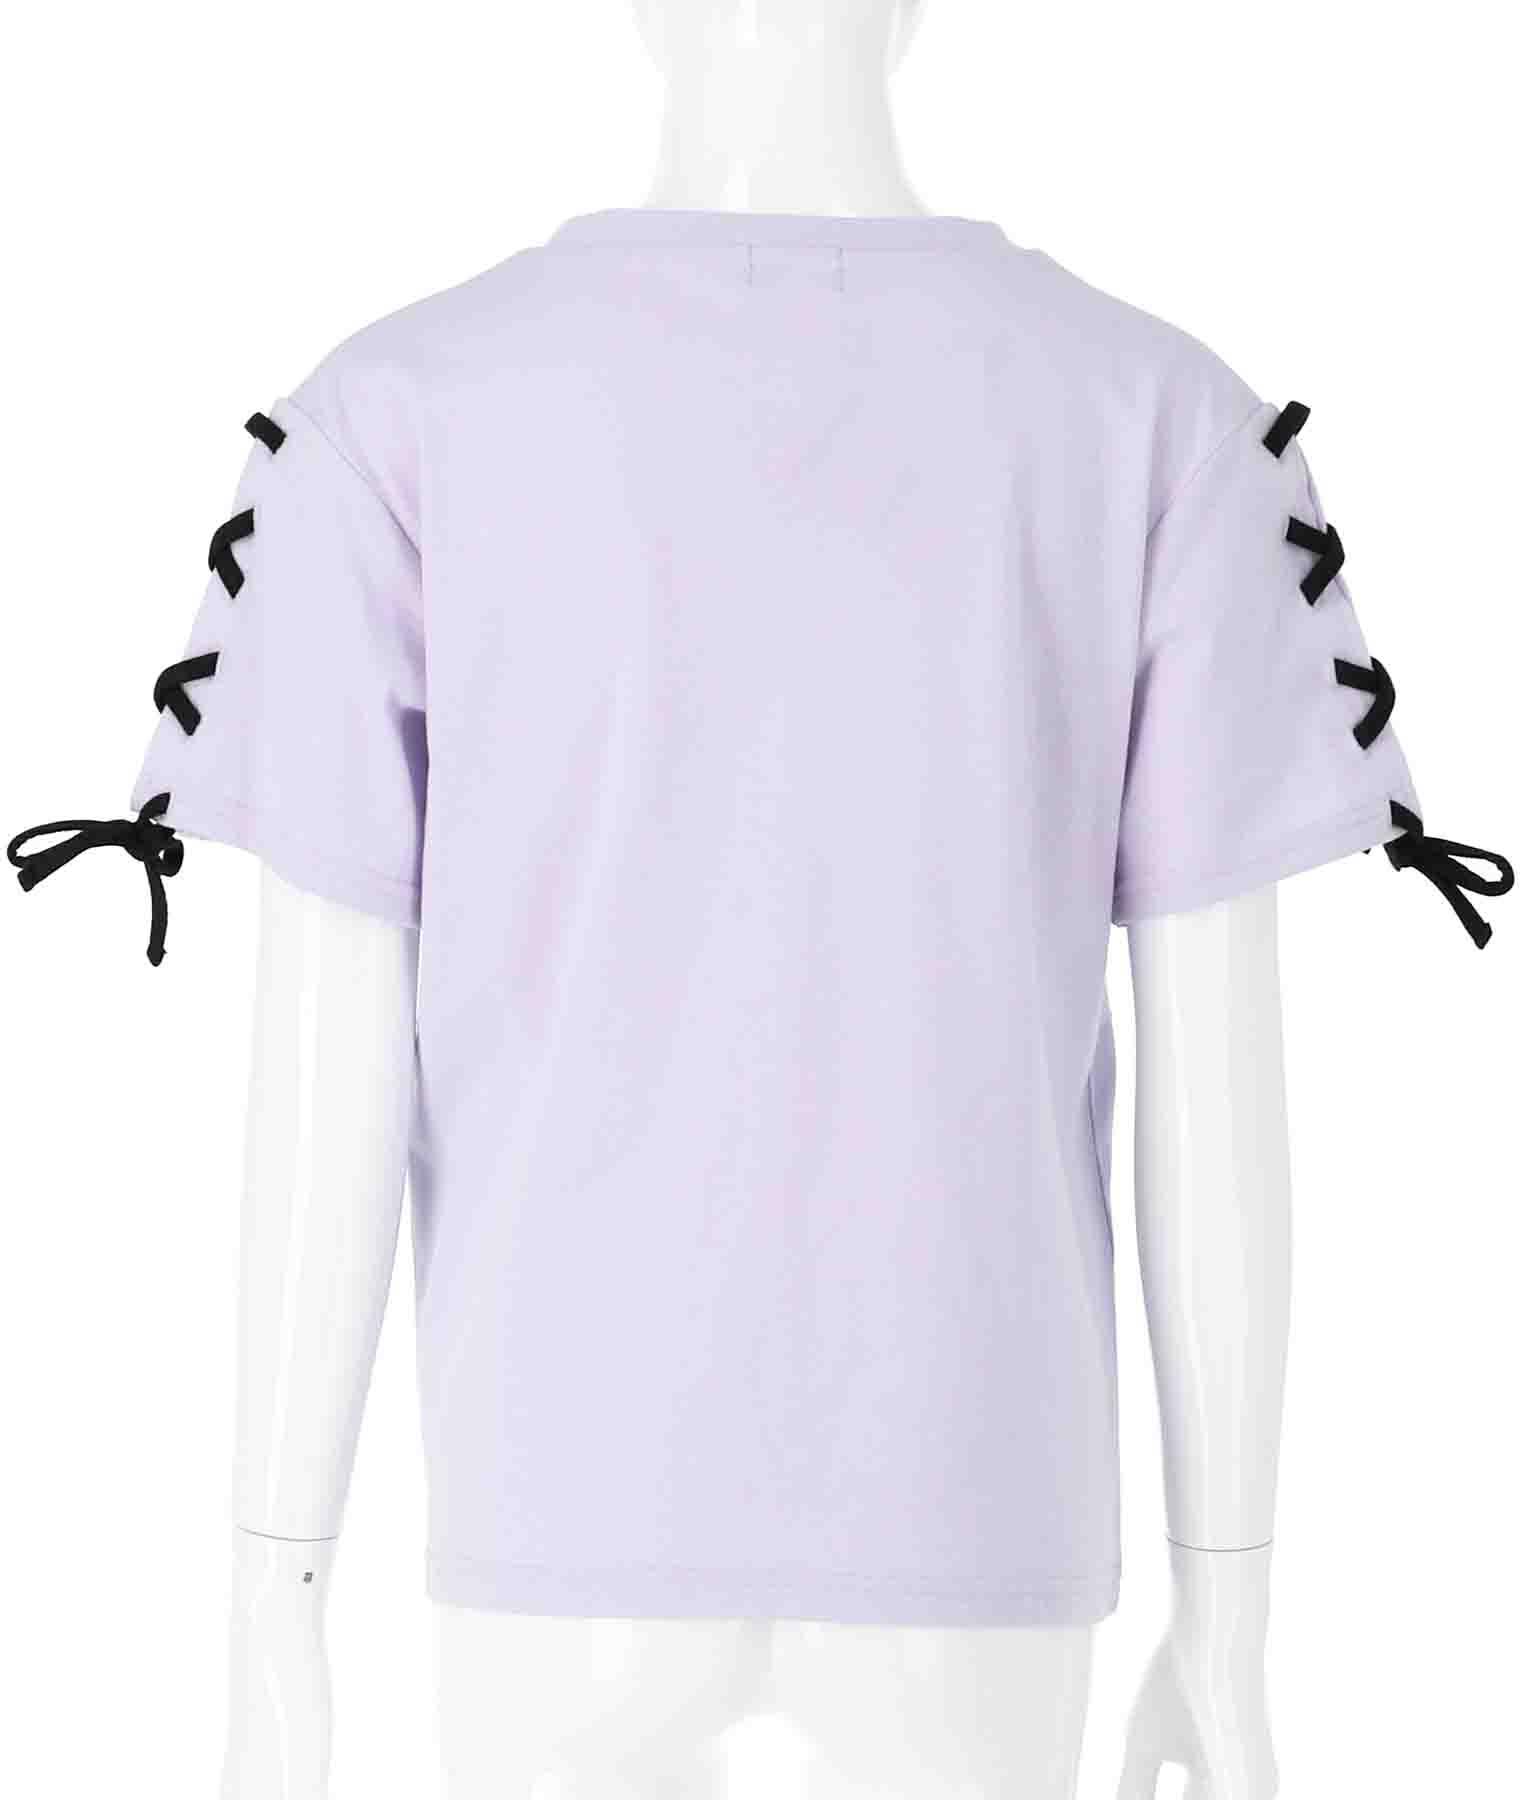 袖スピンドルラインロゴトップス(トップス/Tシャツ・カットソー ) | ANAP GiRL